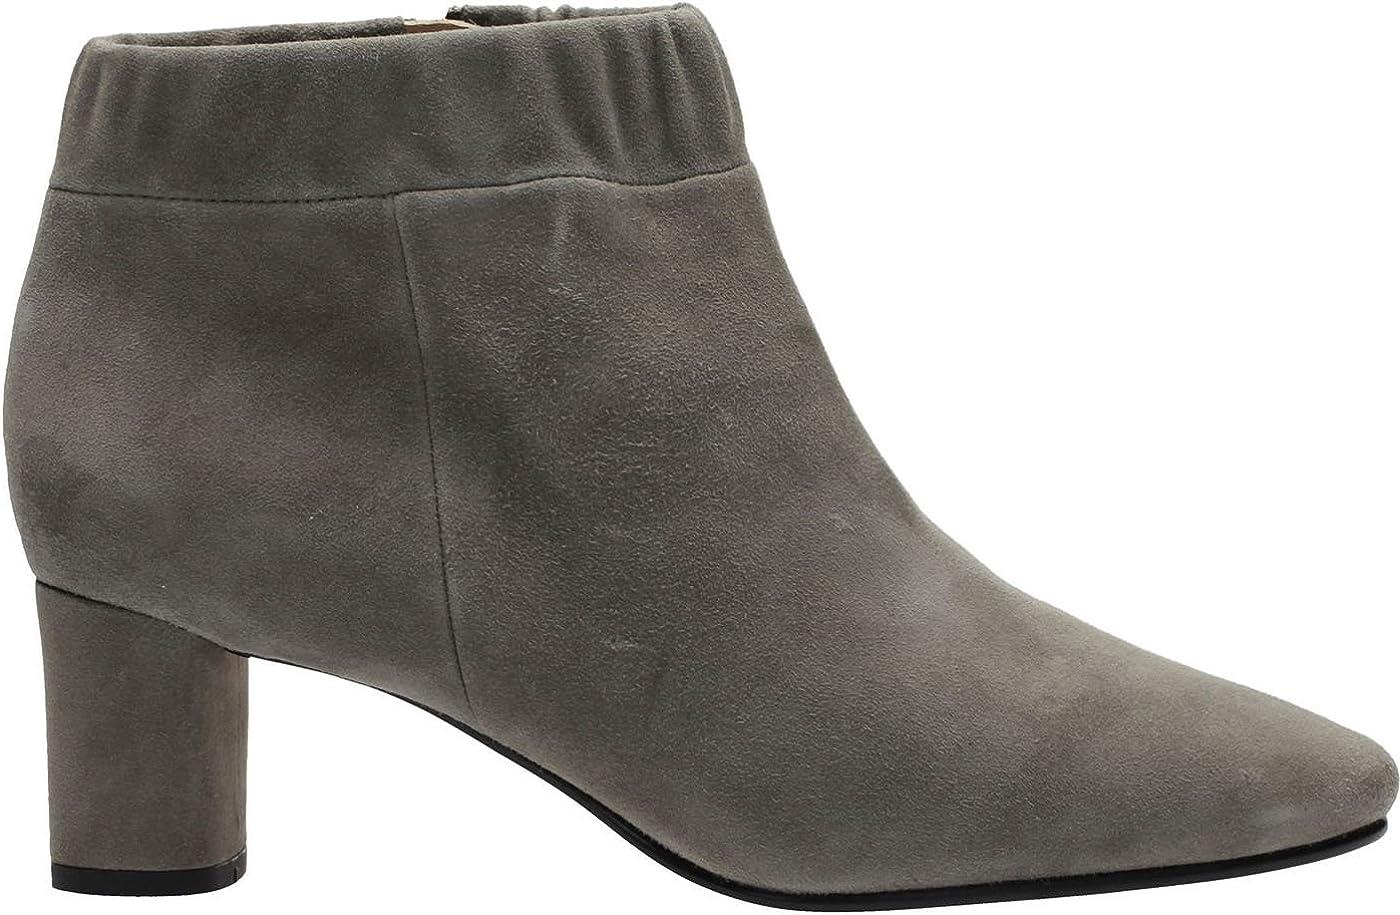 CLARKS Womens Grace Iris Boot